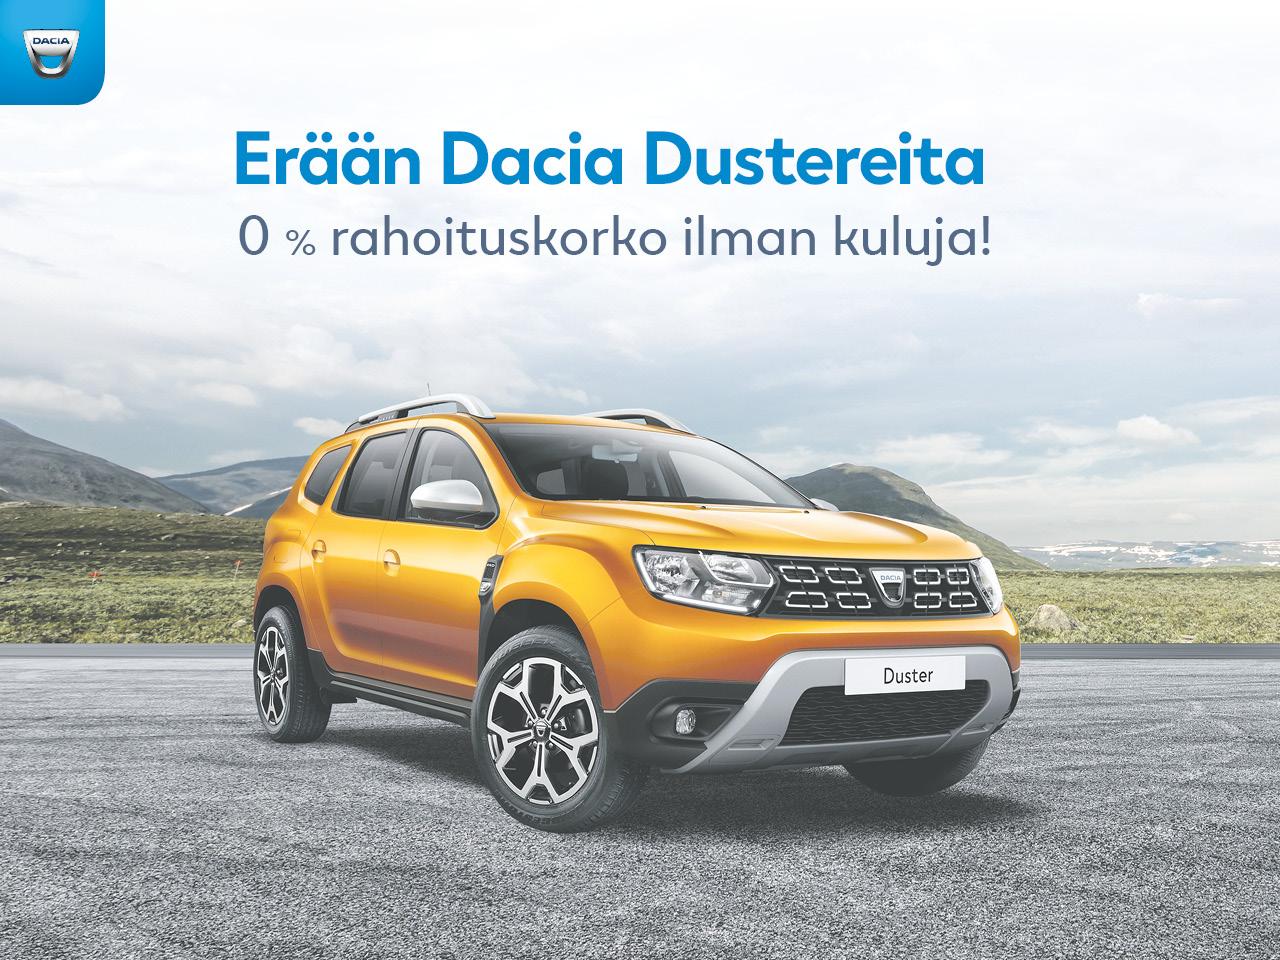 Erä Dacia Dustereita 0 % korolla